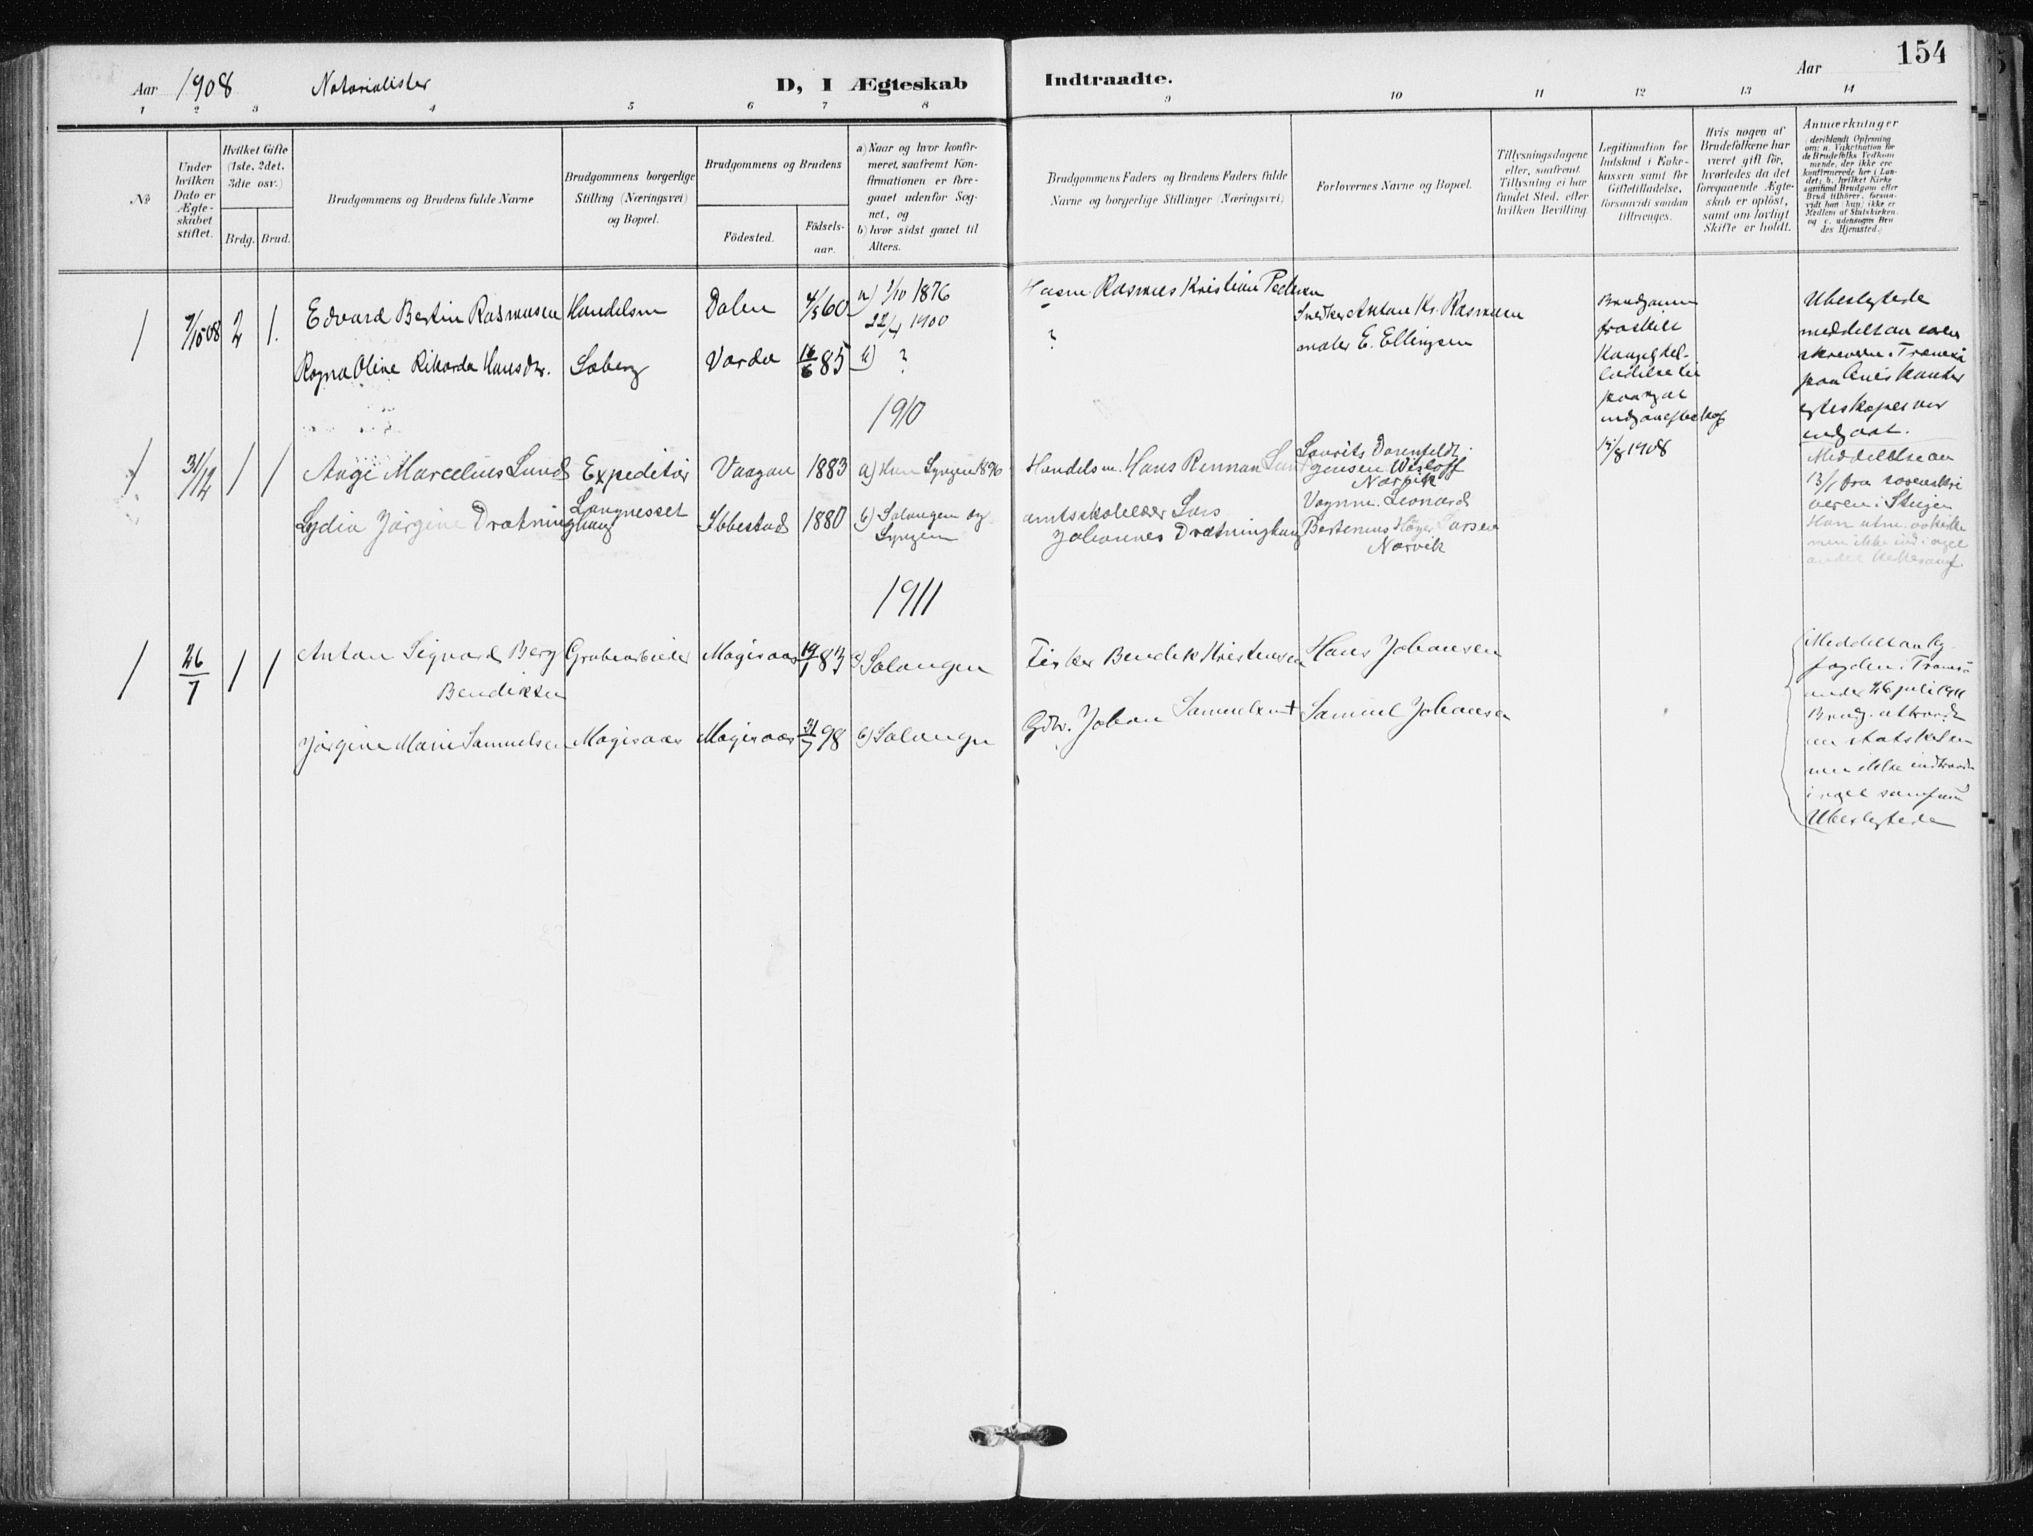 SATØ, Salangen sokneprestembete, H/Ha/L0002kirke: Ministerialbok nr. 2, 1902-1911, s. 154